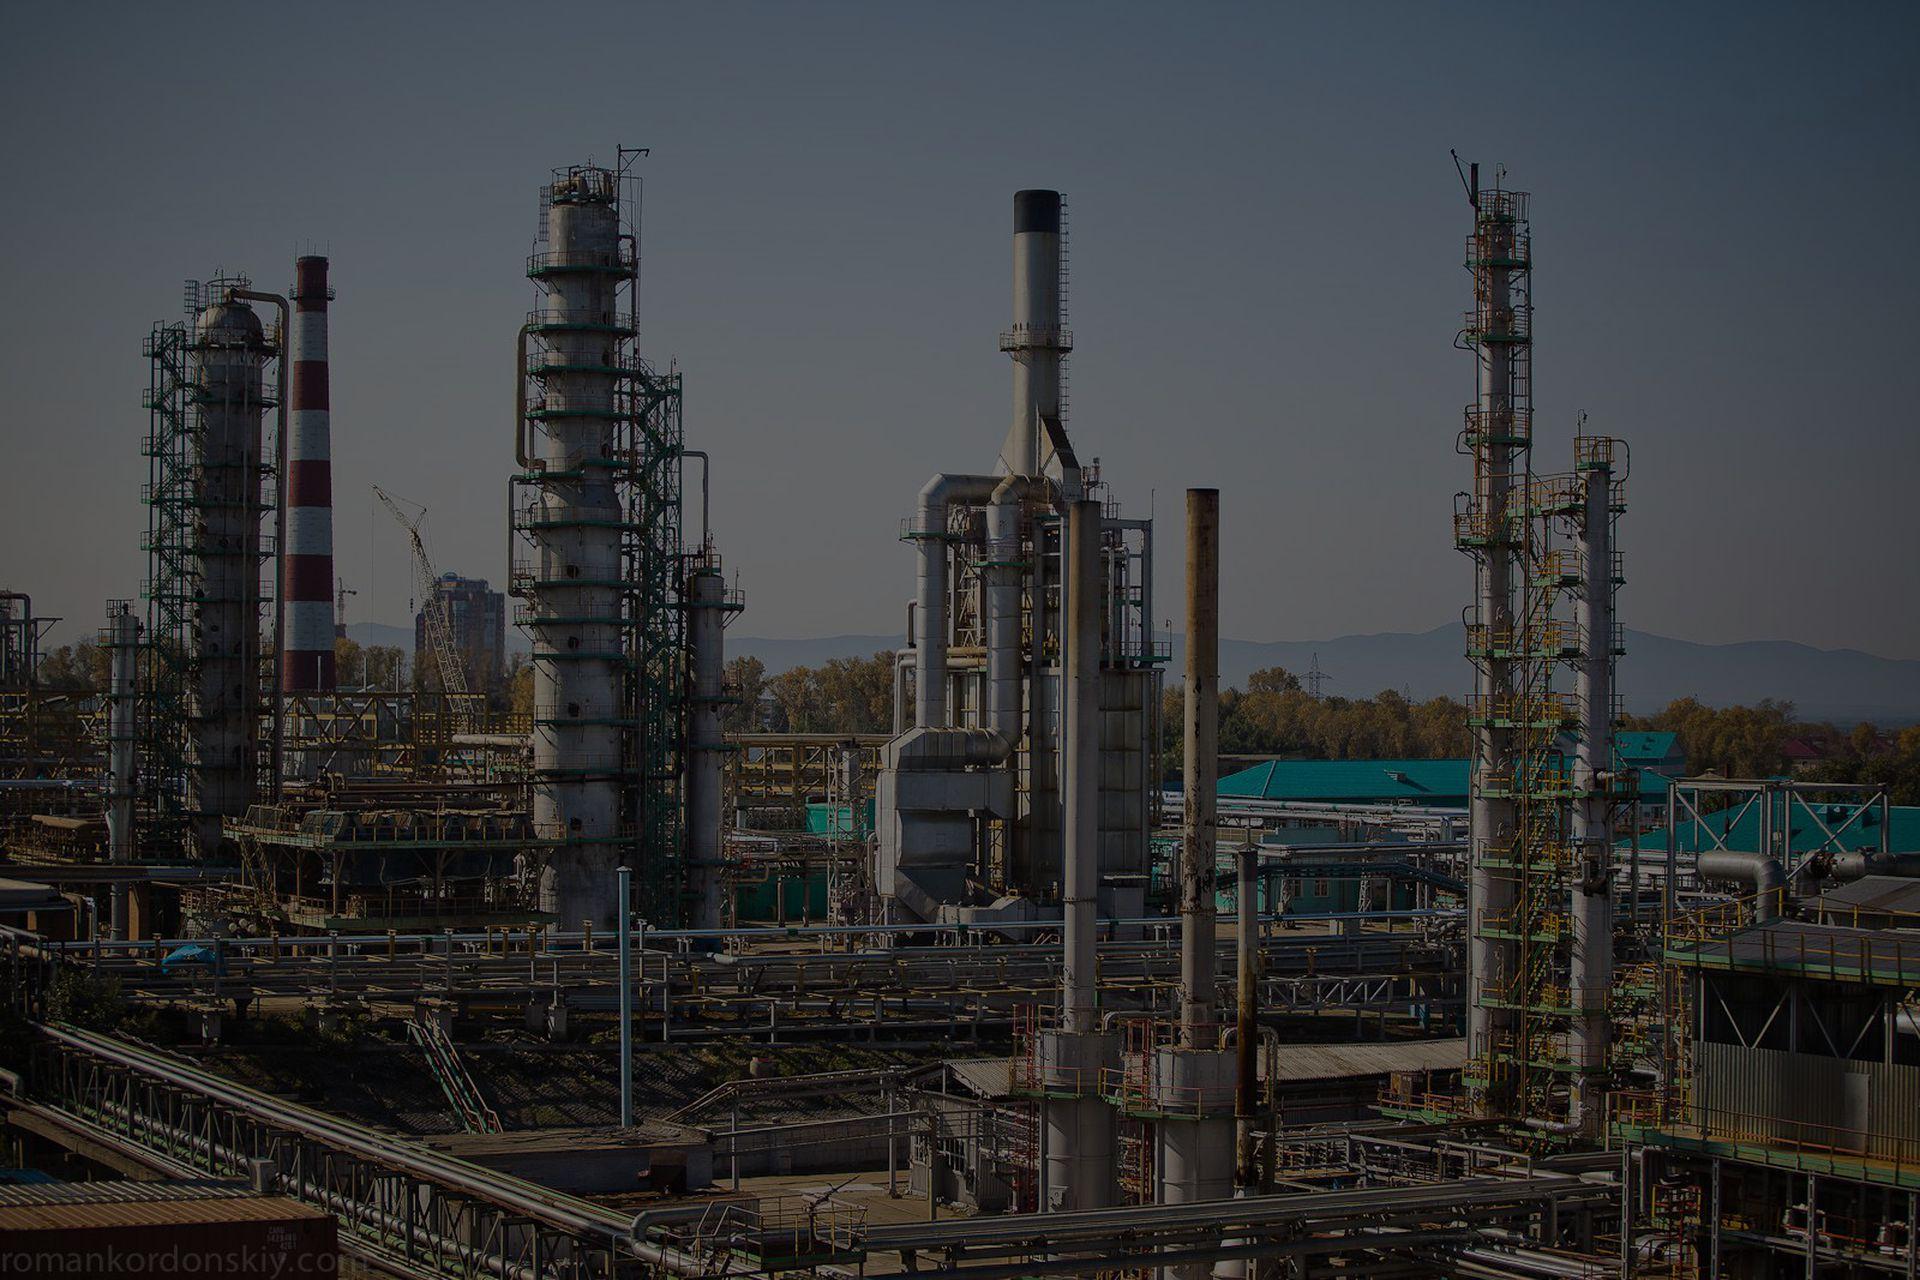 Информационную систему с планами закупок товаров нефтегазовых компаний могут внедрить в Казахстане